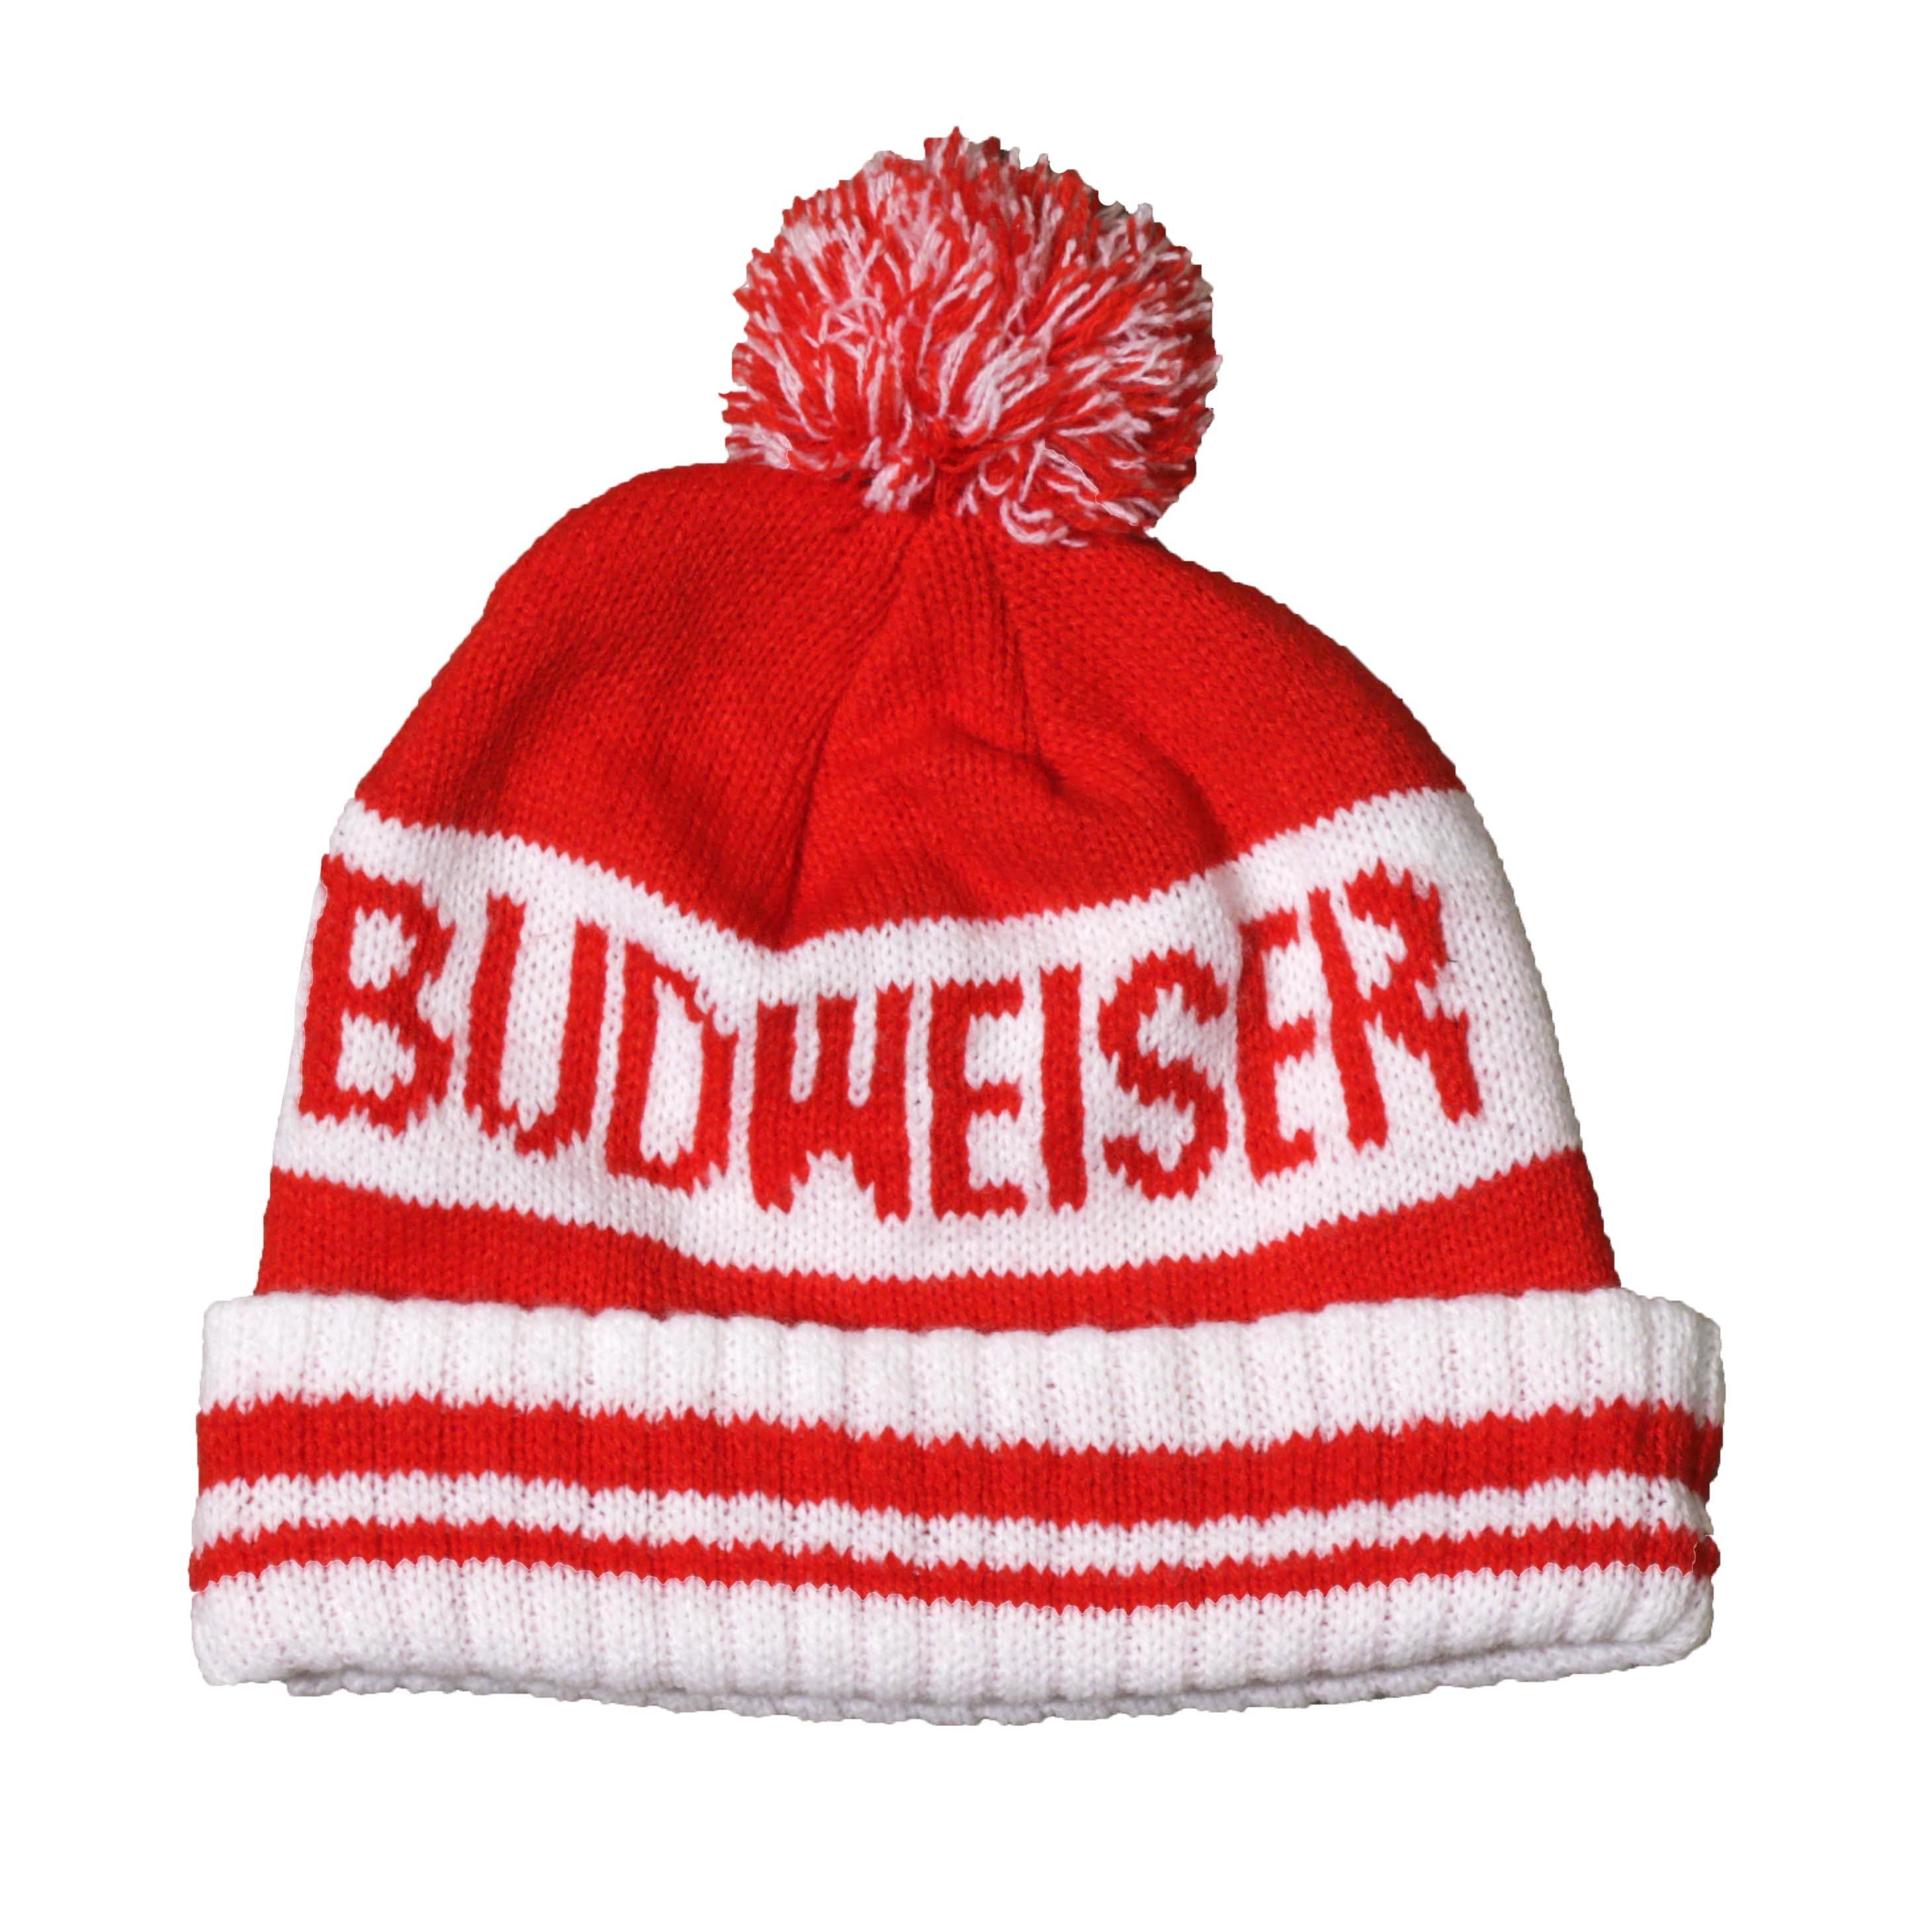 Budweiser KnitCap